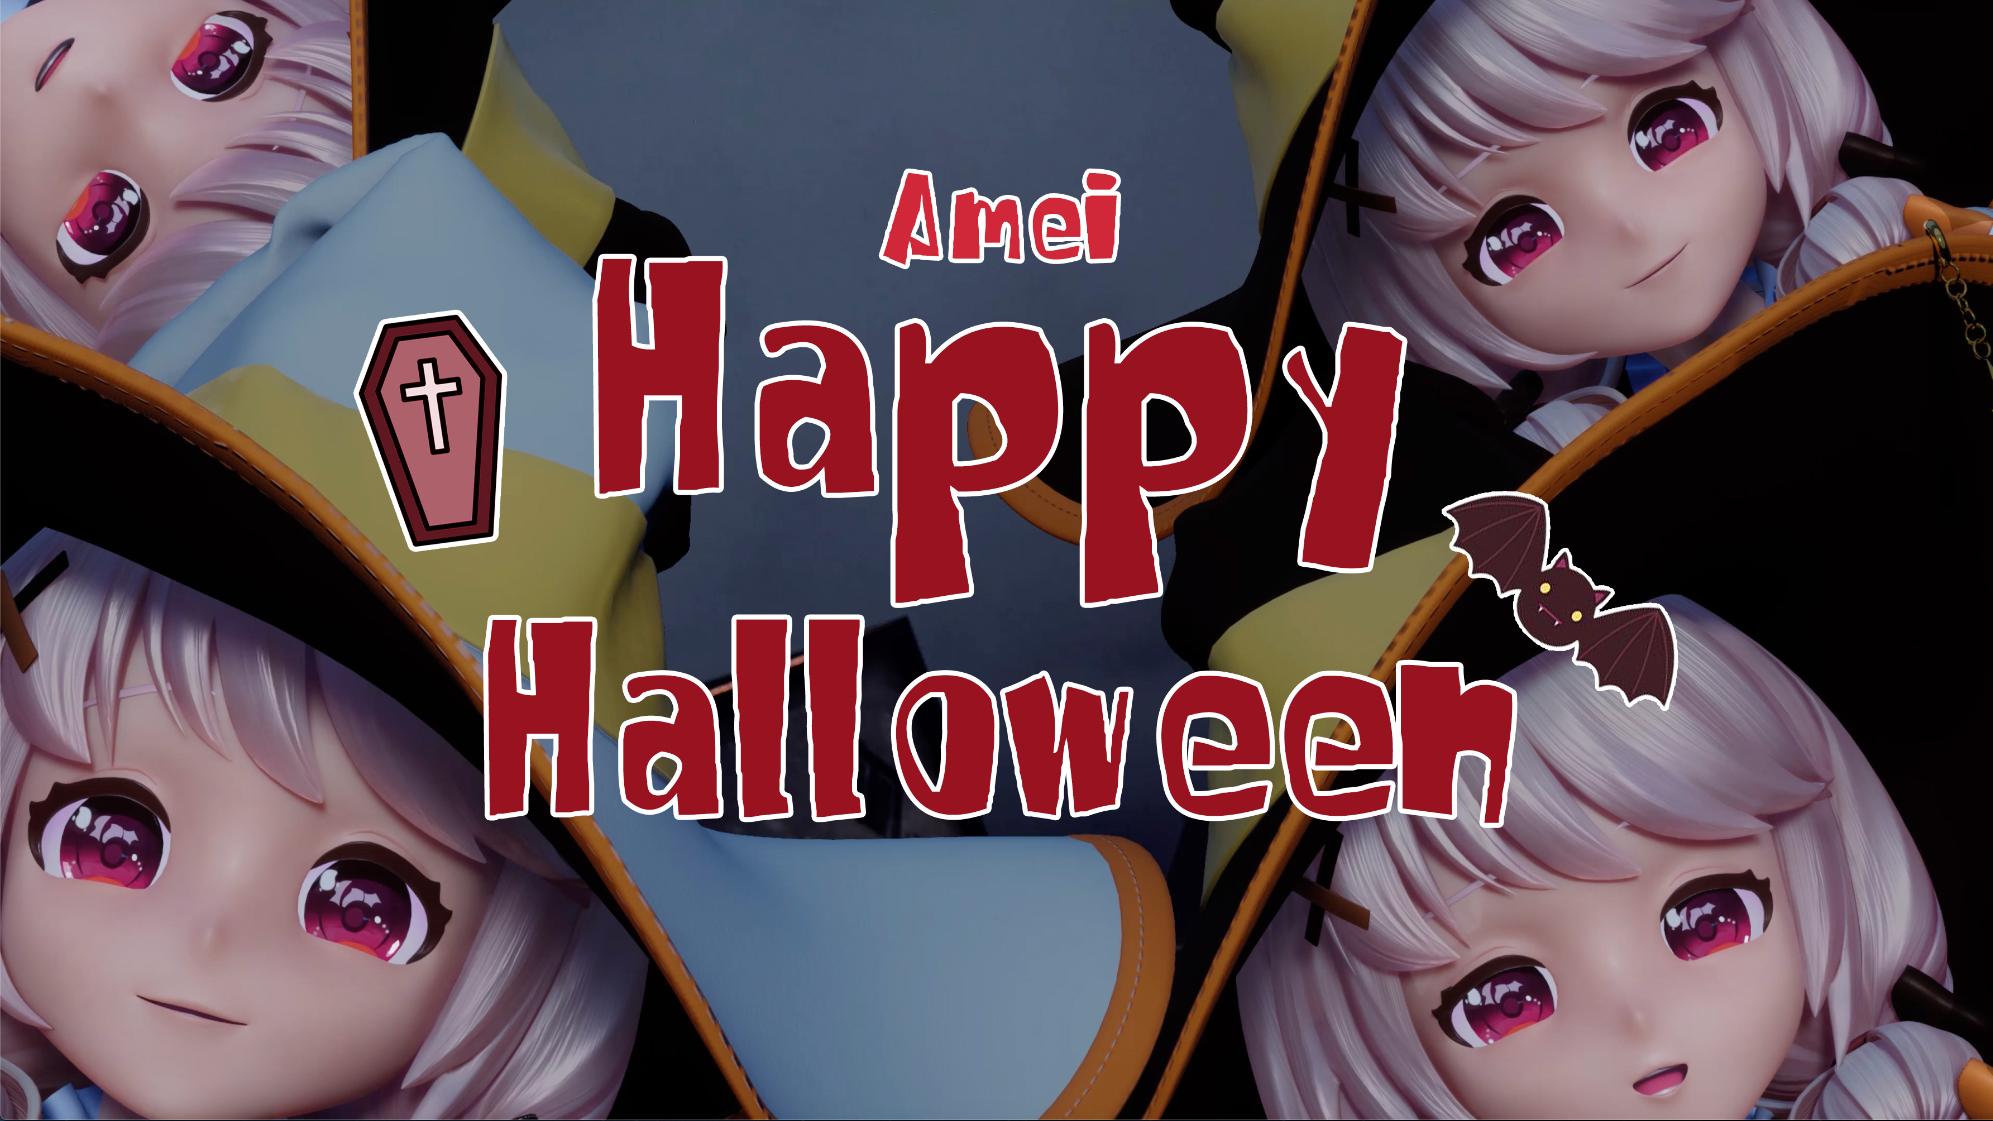 【VUP万圣祭】【抽奖】Happy Halloween!属于我的奇妙之夜【糖依Amei】